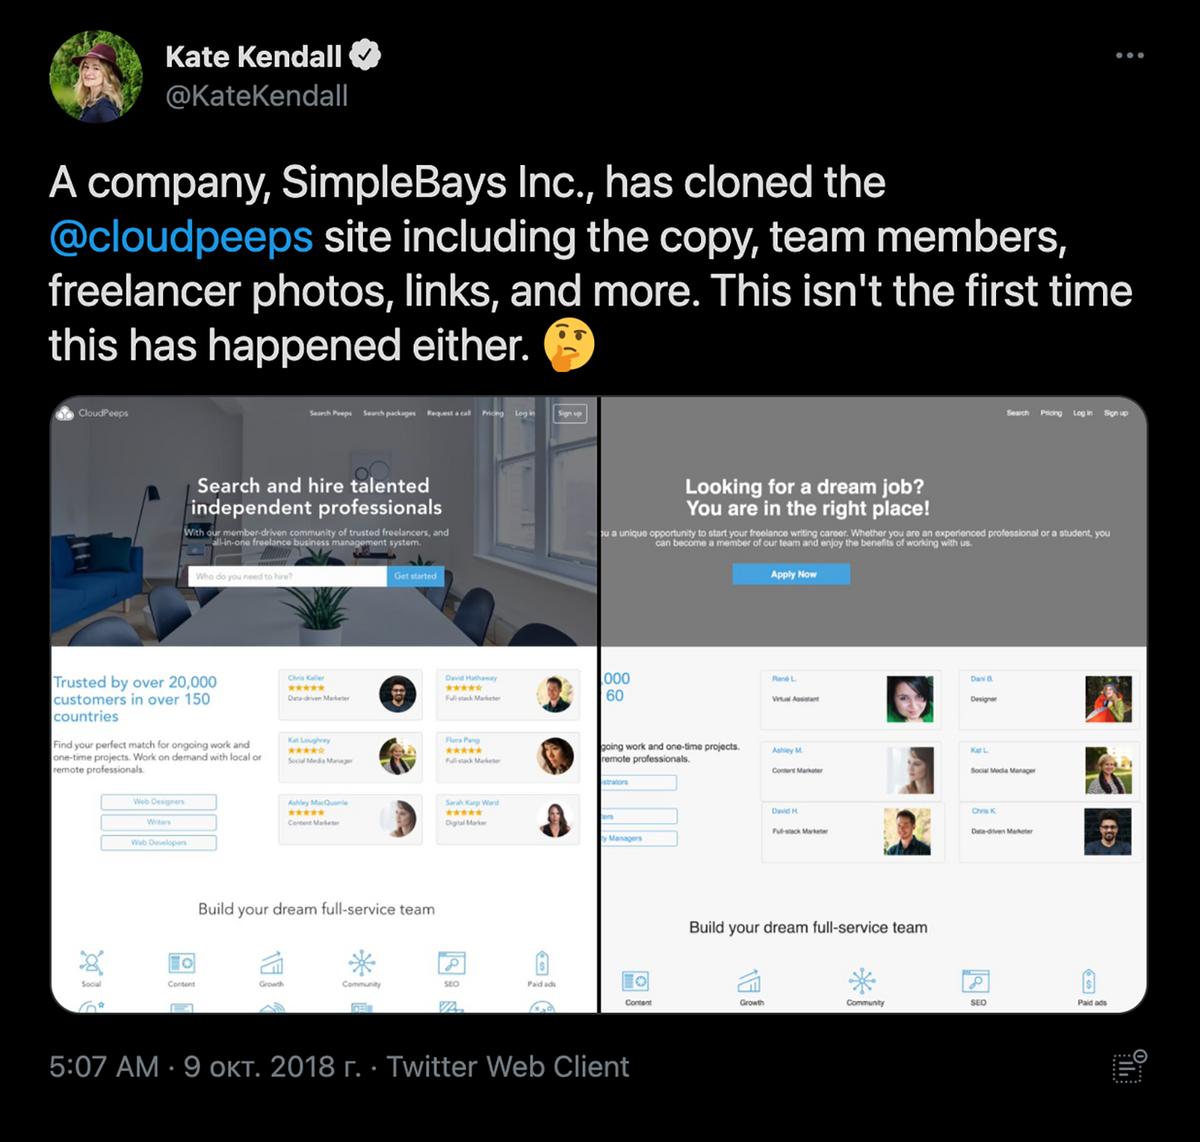 Отзыв был оставлен 9 октября 2018года, но сейчас сайт выглядит также